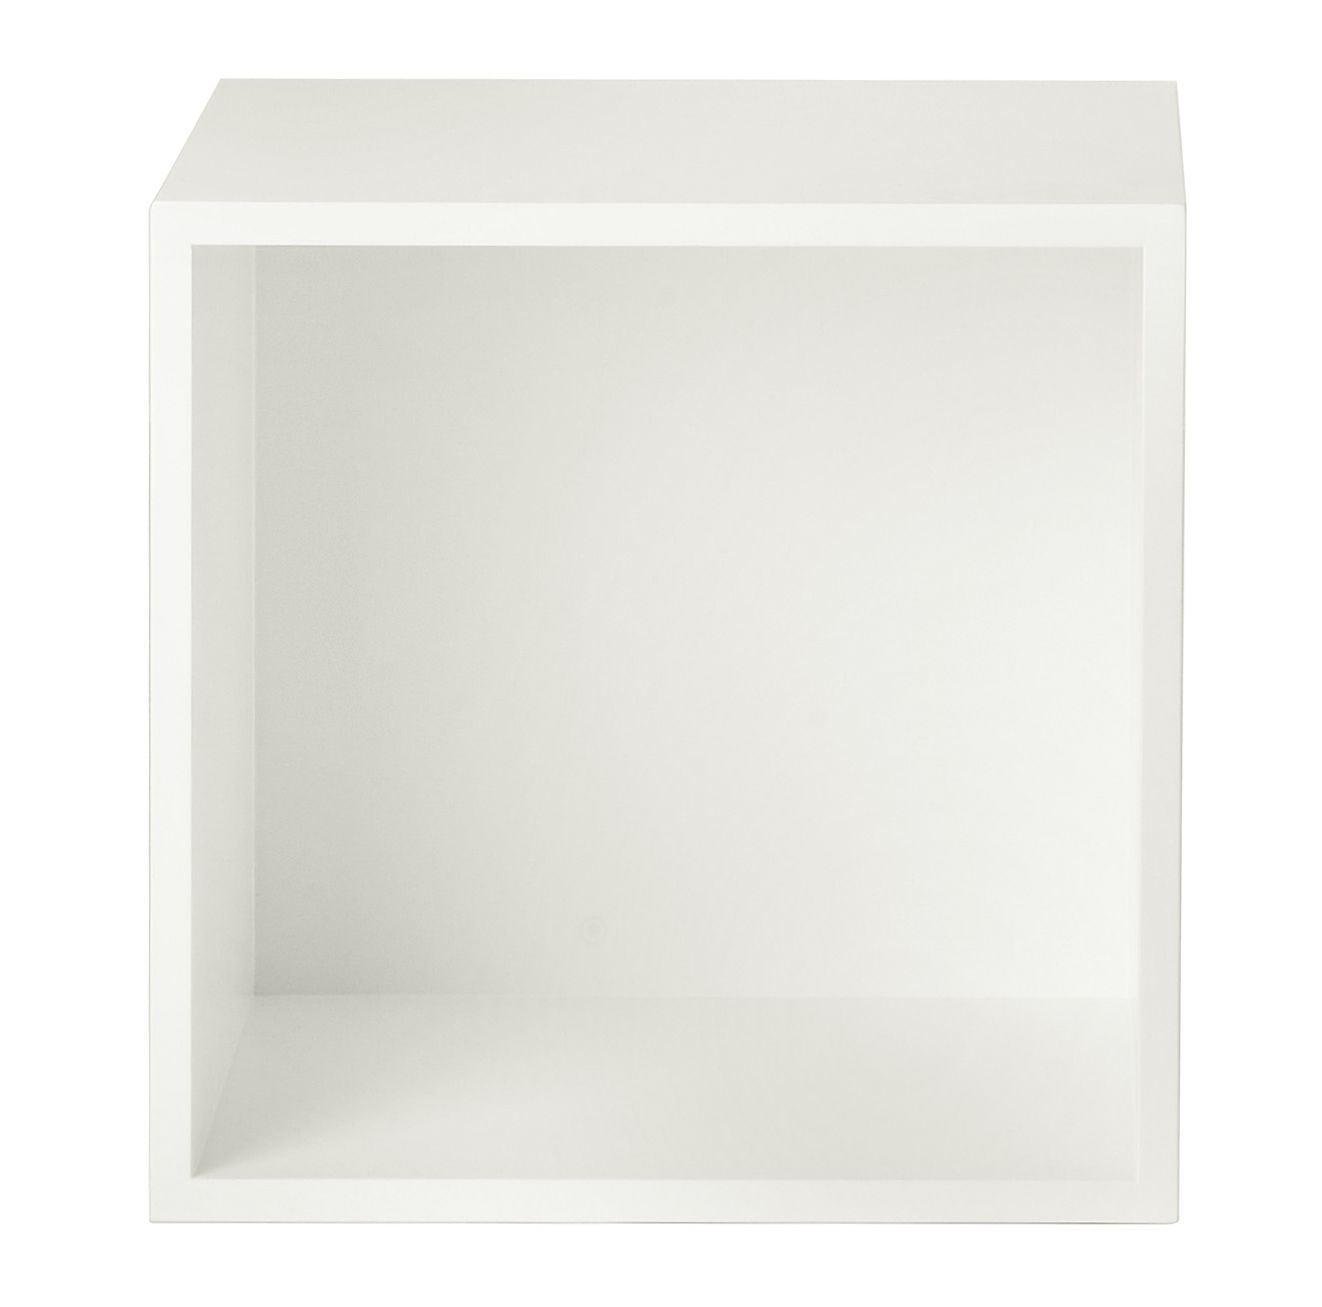 Mobilier - Etagères & bibliothèques - Etagère Stacked / Medium carré 43x43 cm /  Avec fond - Muuto - Blanc crème - MDF peint